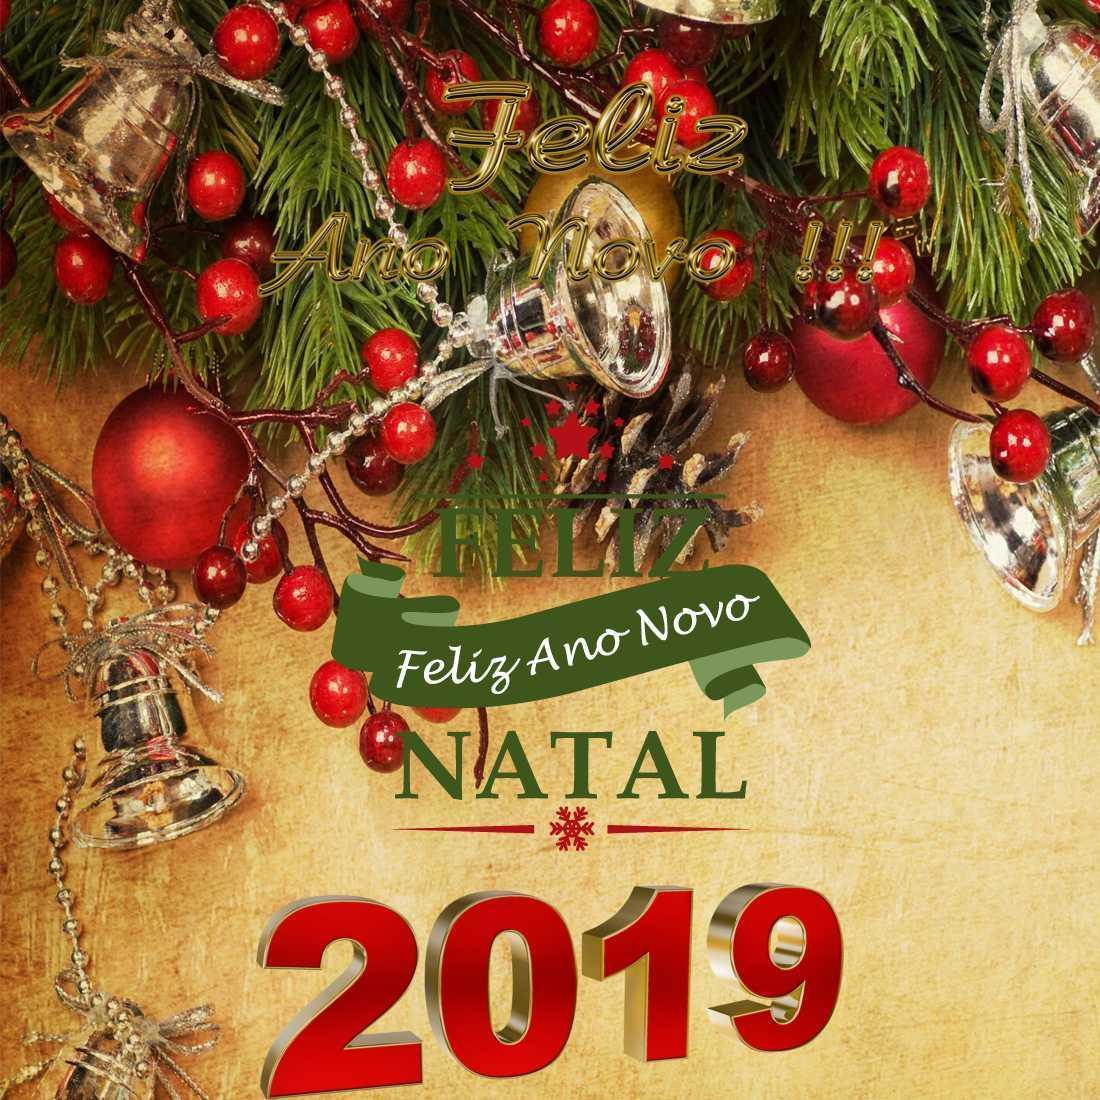 Felicitaciones Para Navidad 2019.Feliz Navidad 2019 Mensajes Y Felicitaciones Para Android